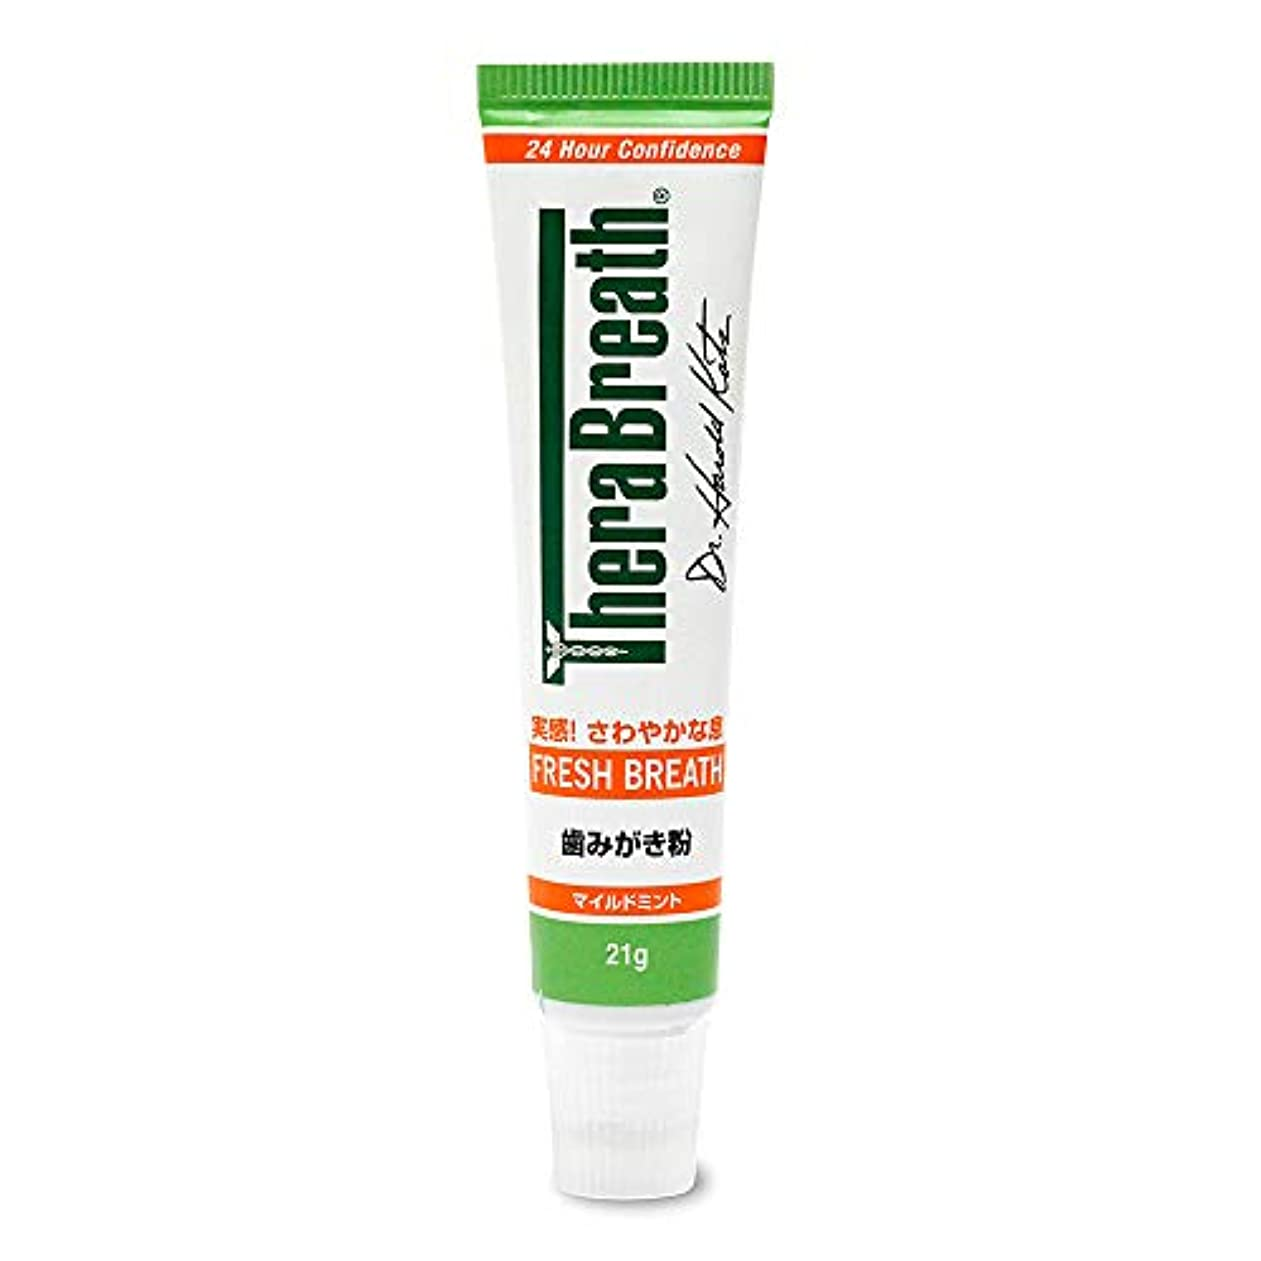 してはいけないトラブルスリットTheraBreath (セラブレス) セラブレス トゥースジェル ミニサイズ 21g (正規輸入品) 舌磨き